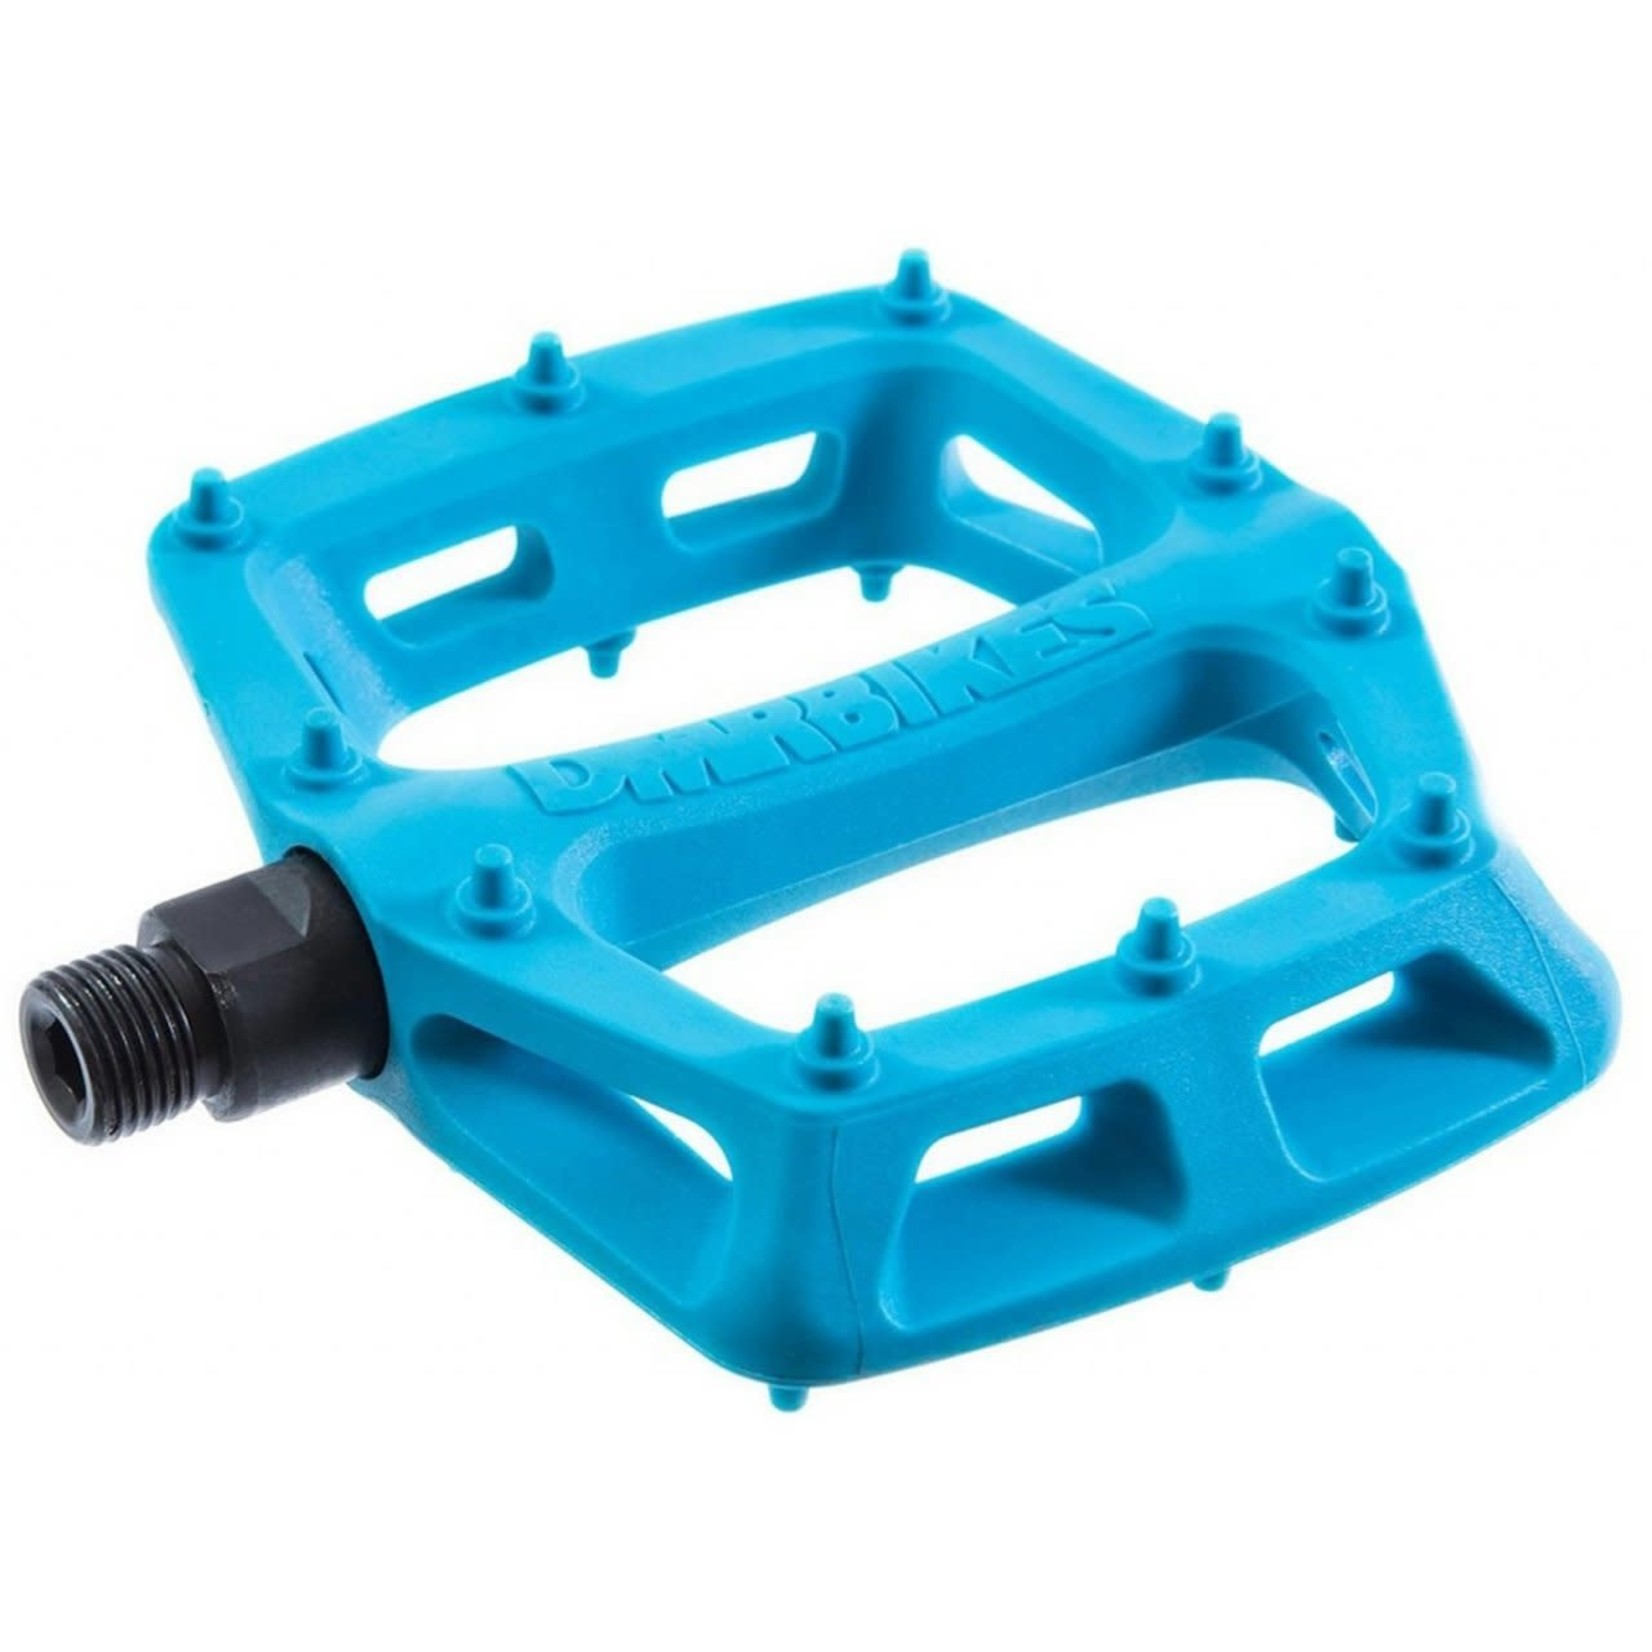 DMR DMR V6 POLY FLAT PEDAL BLUE